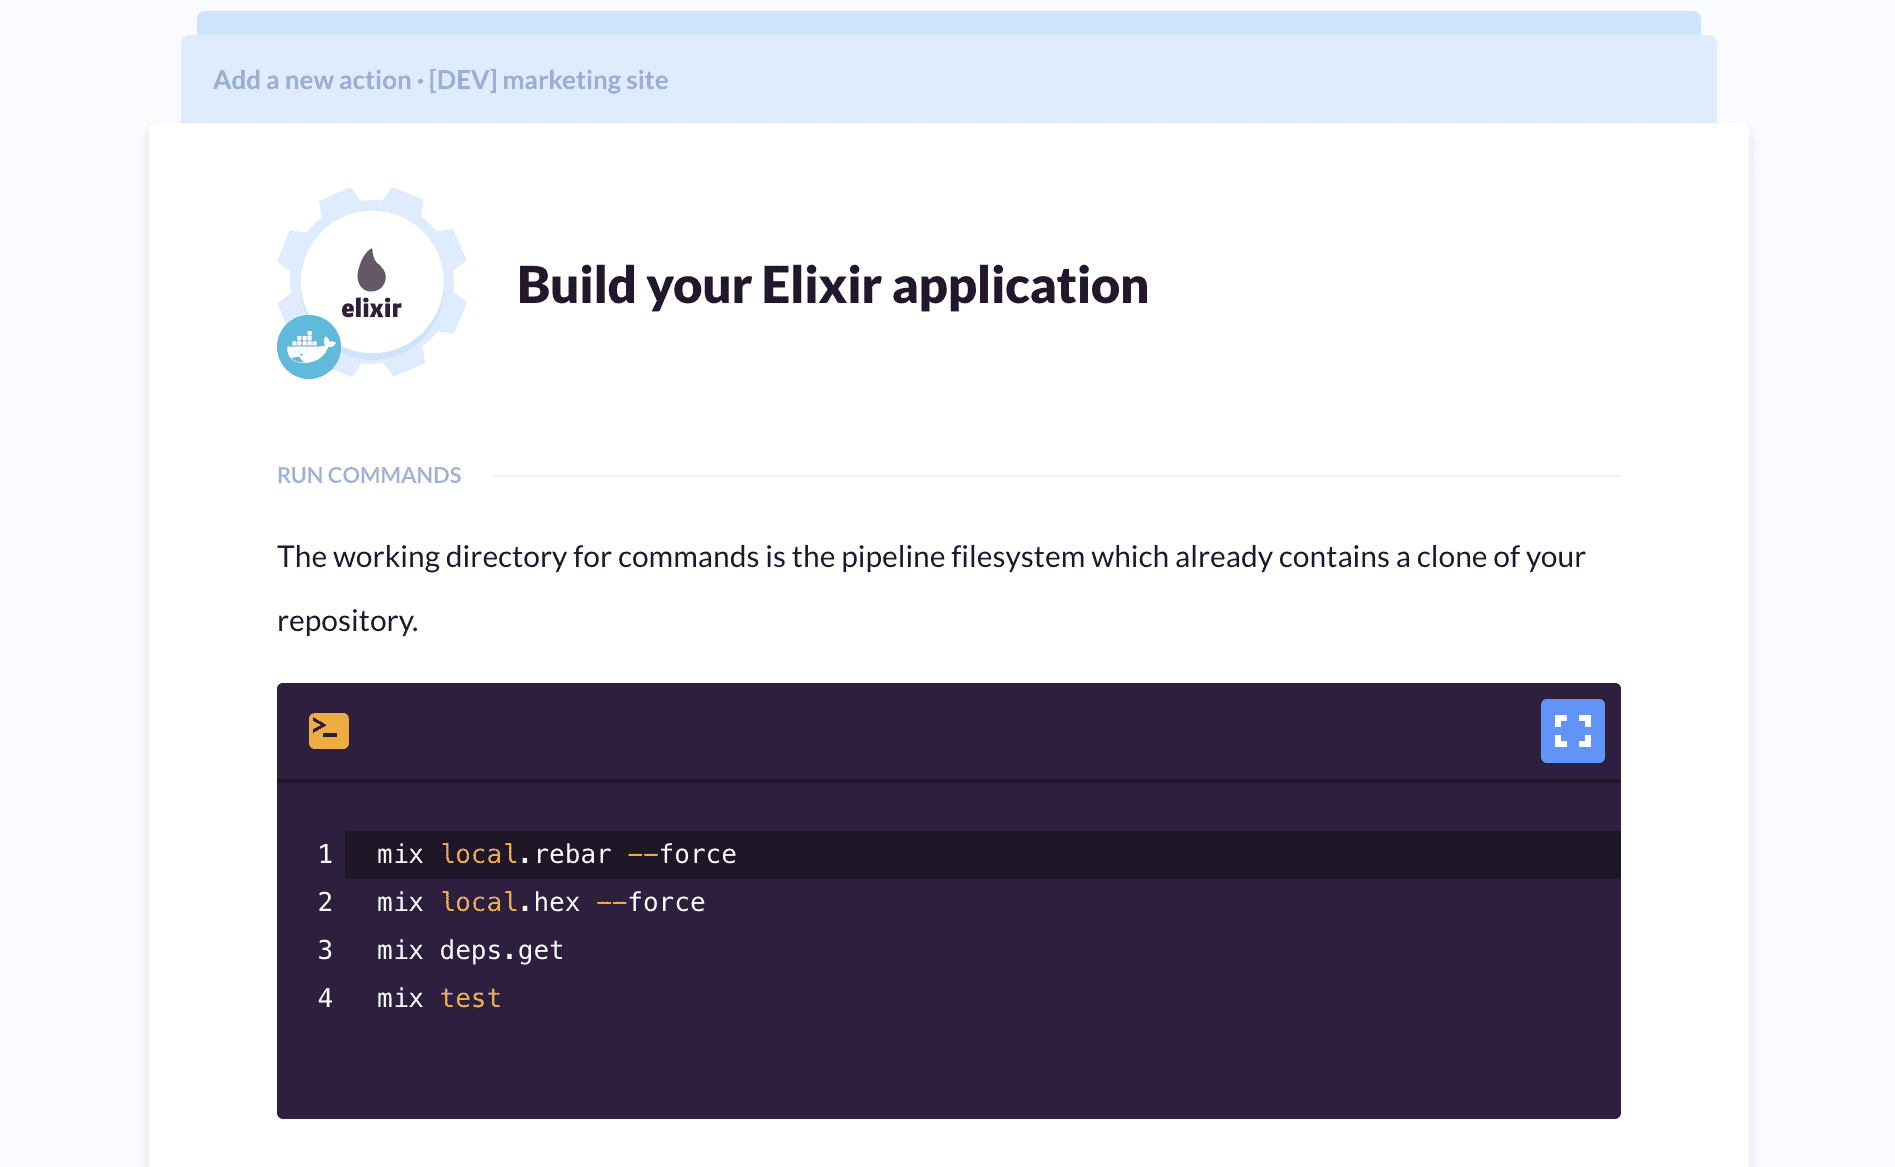 Elixir project details